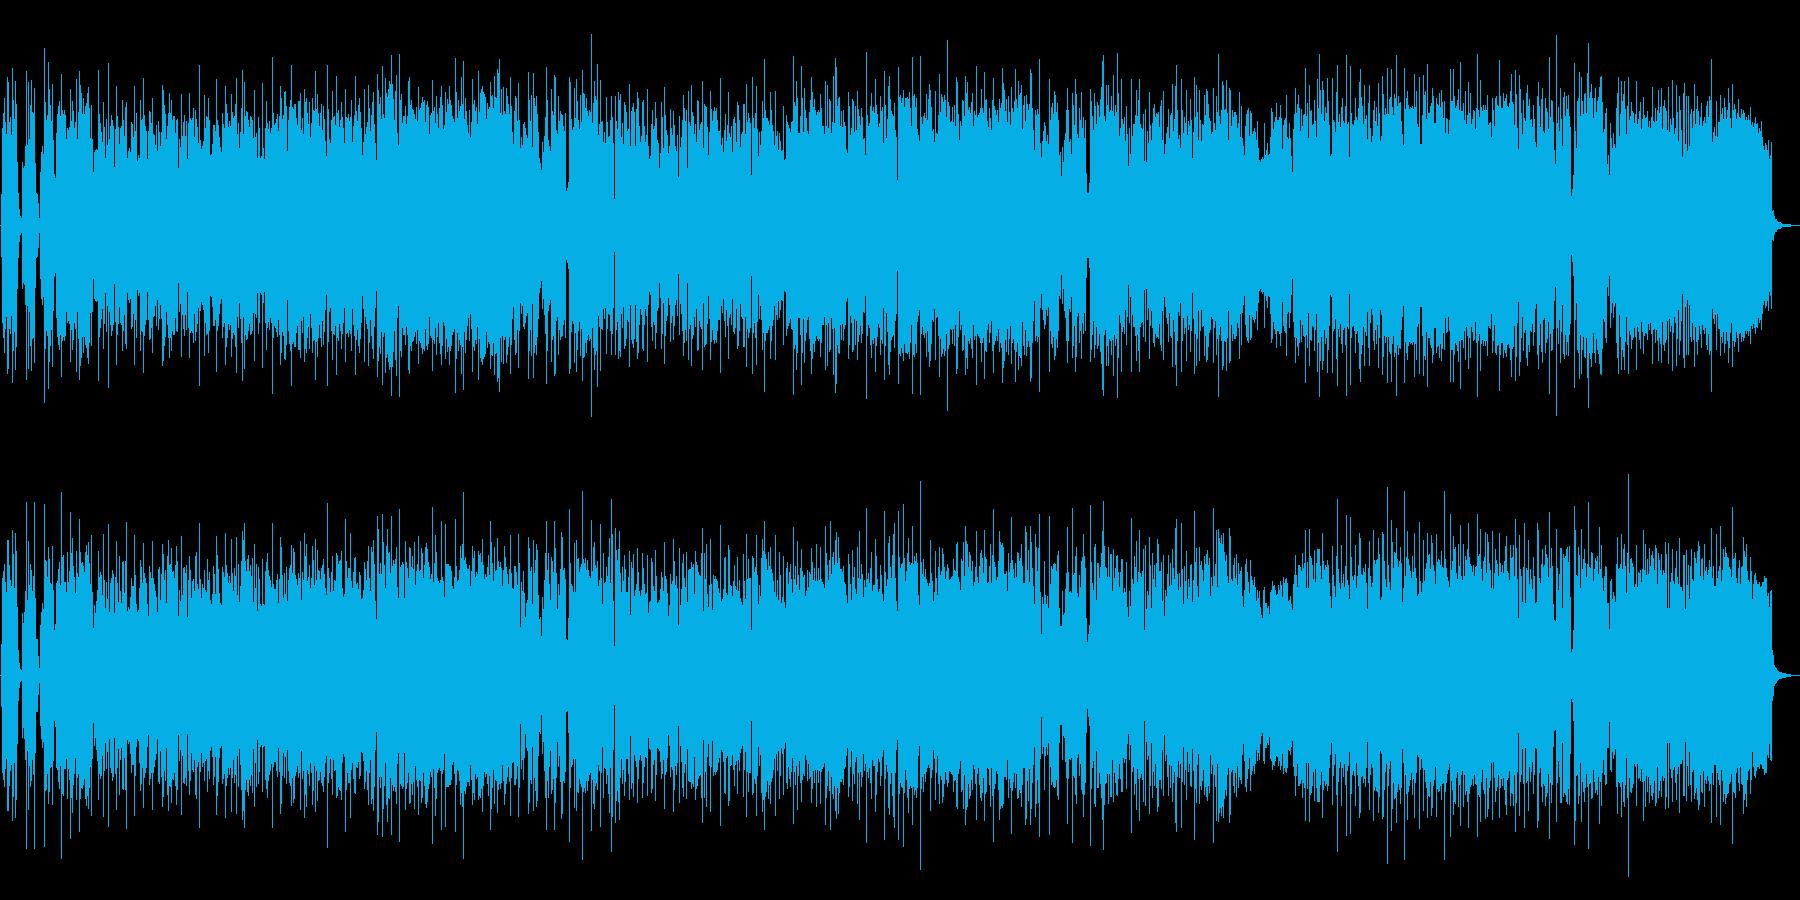 生トランペットのイージーリスニングポップの再生済みの波形